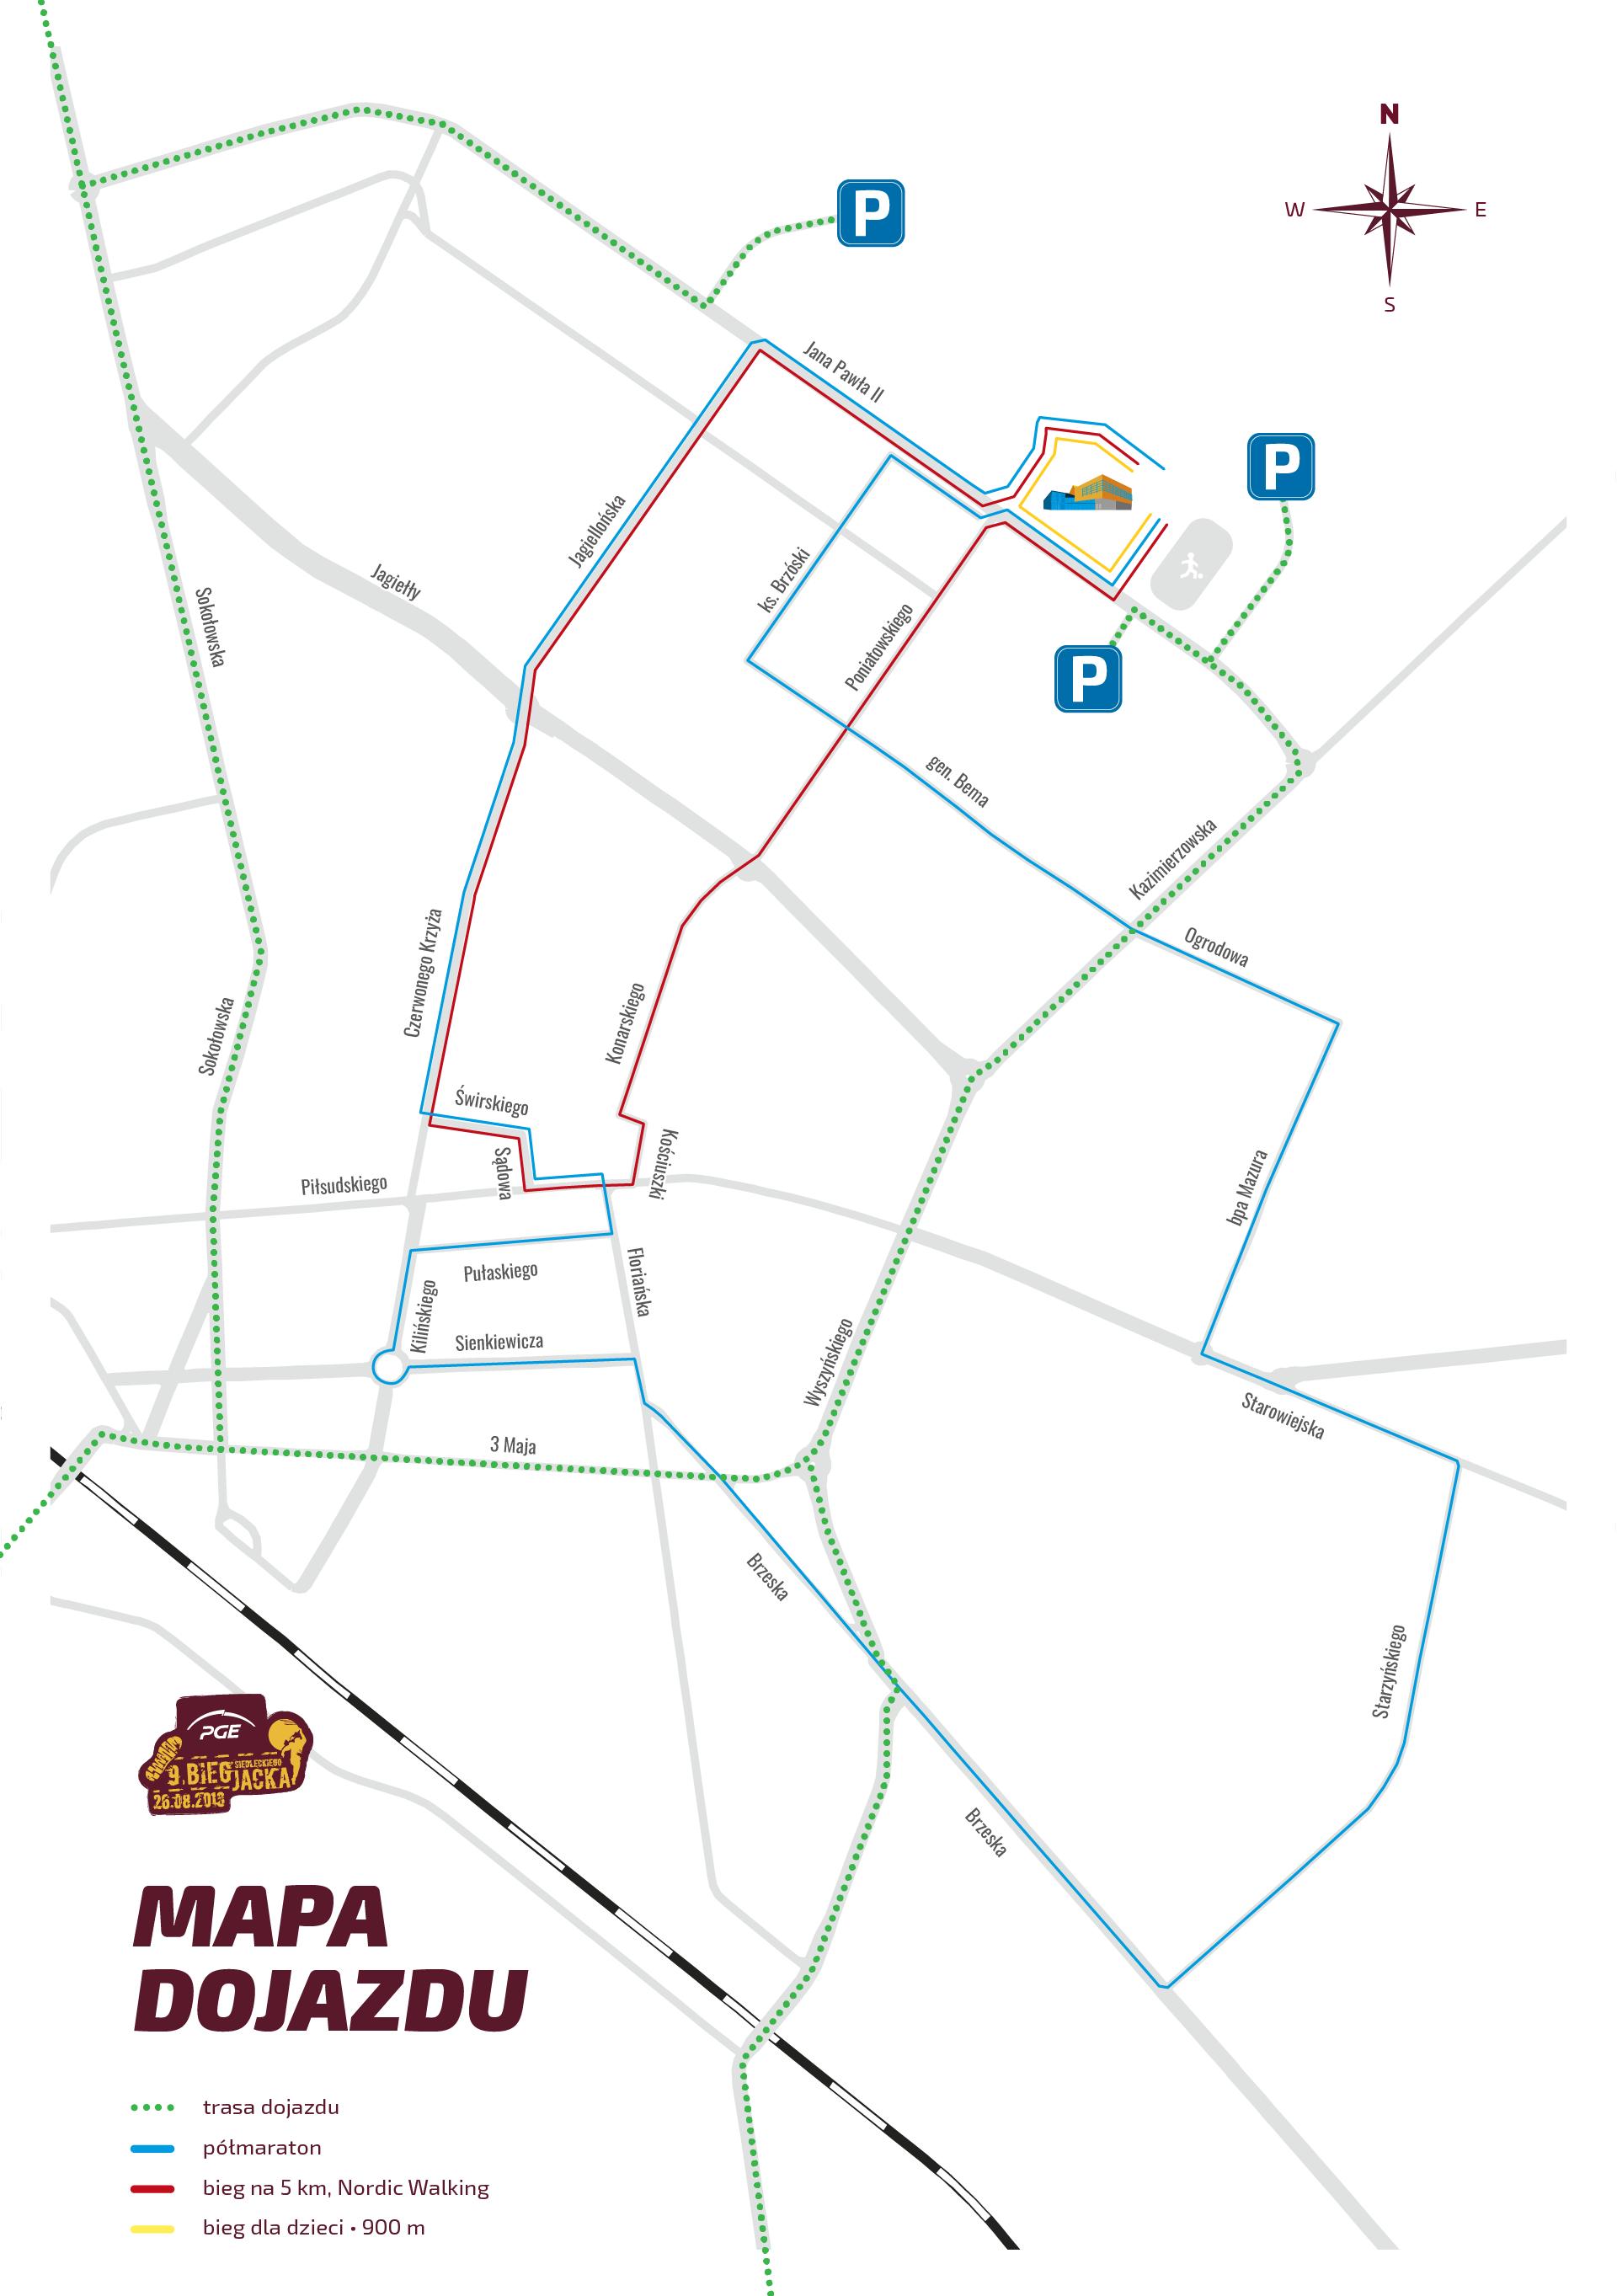 BSJ2018 - mapa dojazdu